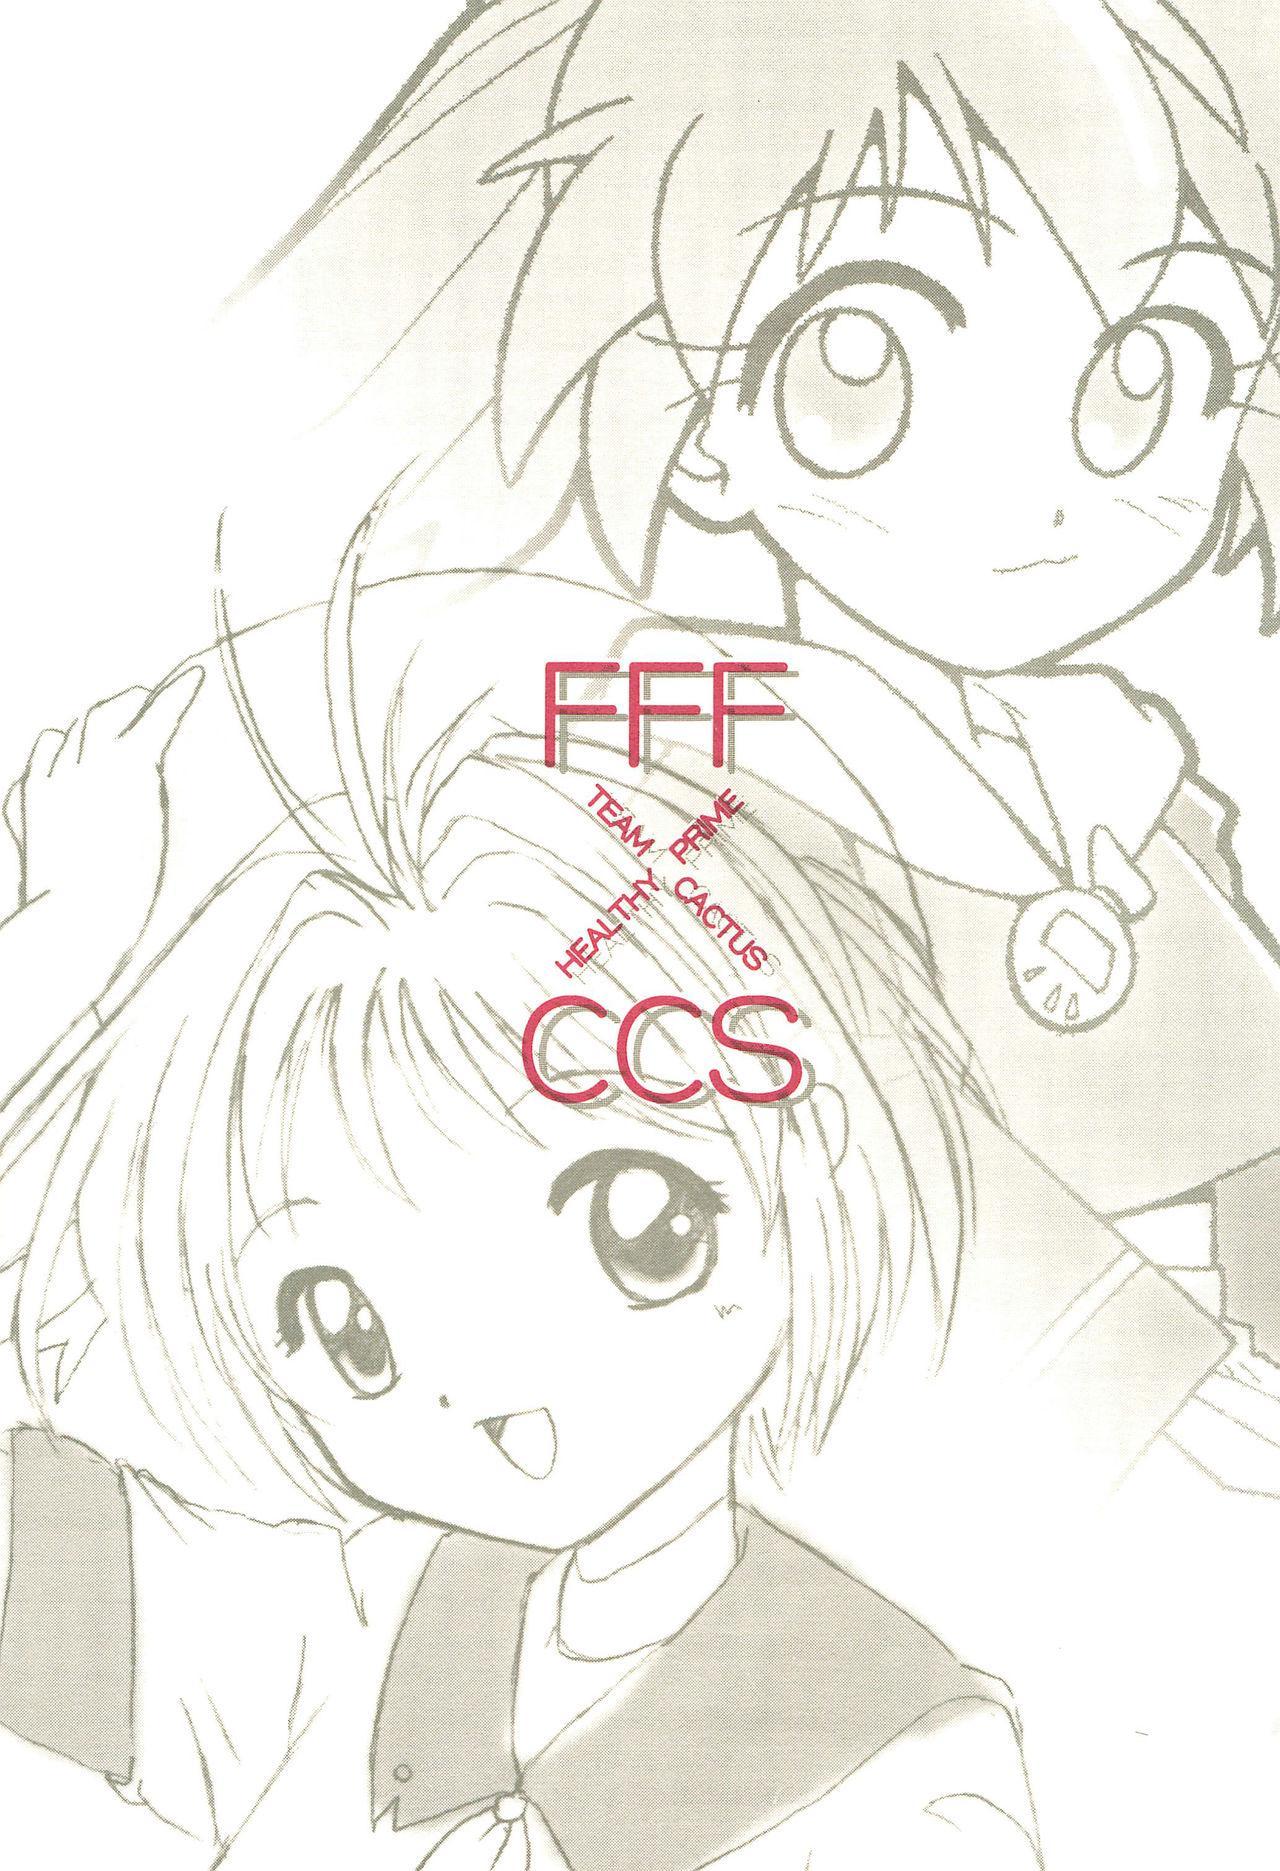 FFF X CCS 0